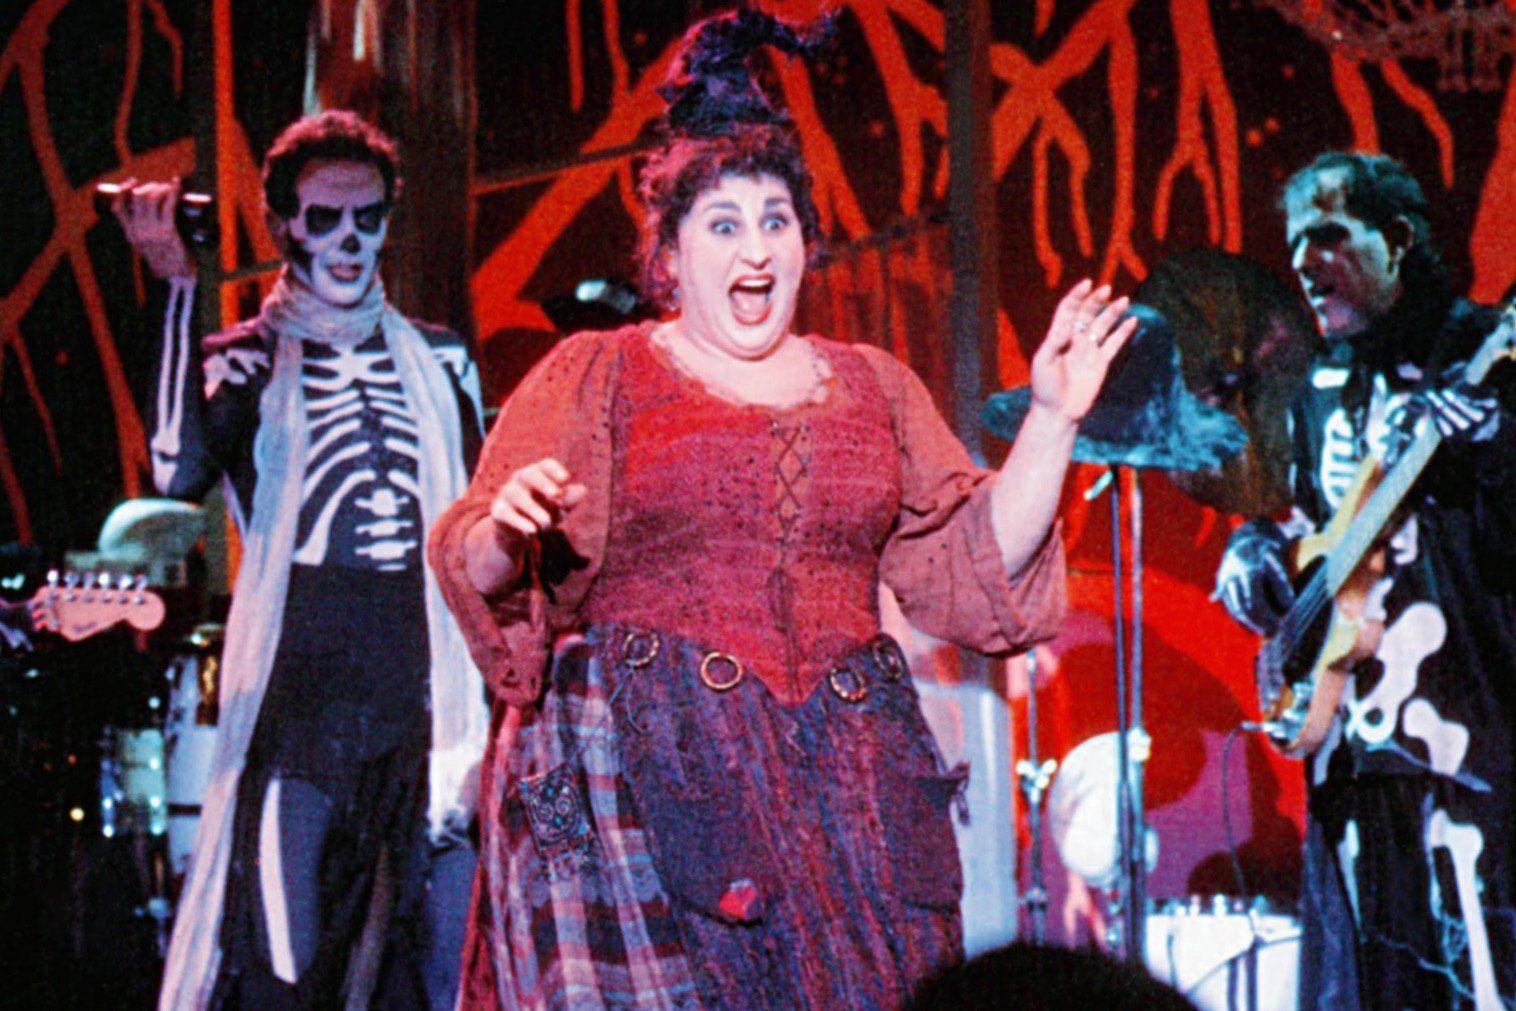 Mary, played by Kathy Najimy